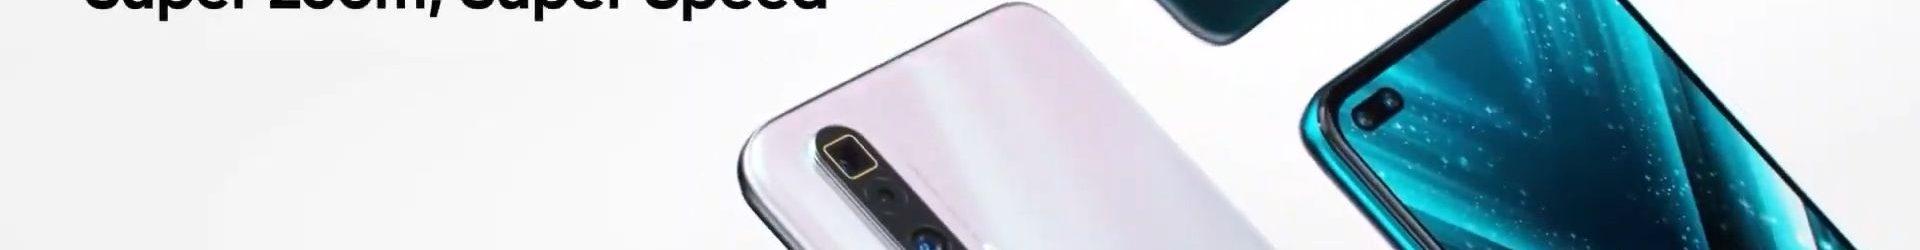 Realme X3 SuperZoom ufficiale: smartphone con zoom 60x e prezzo top